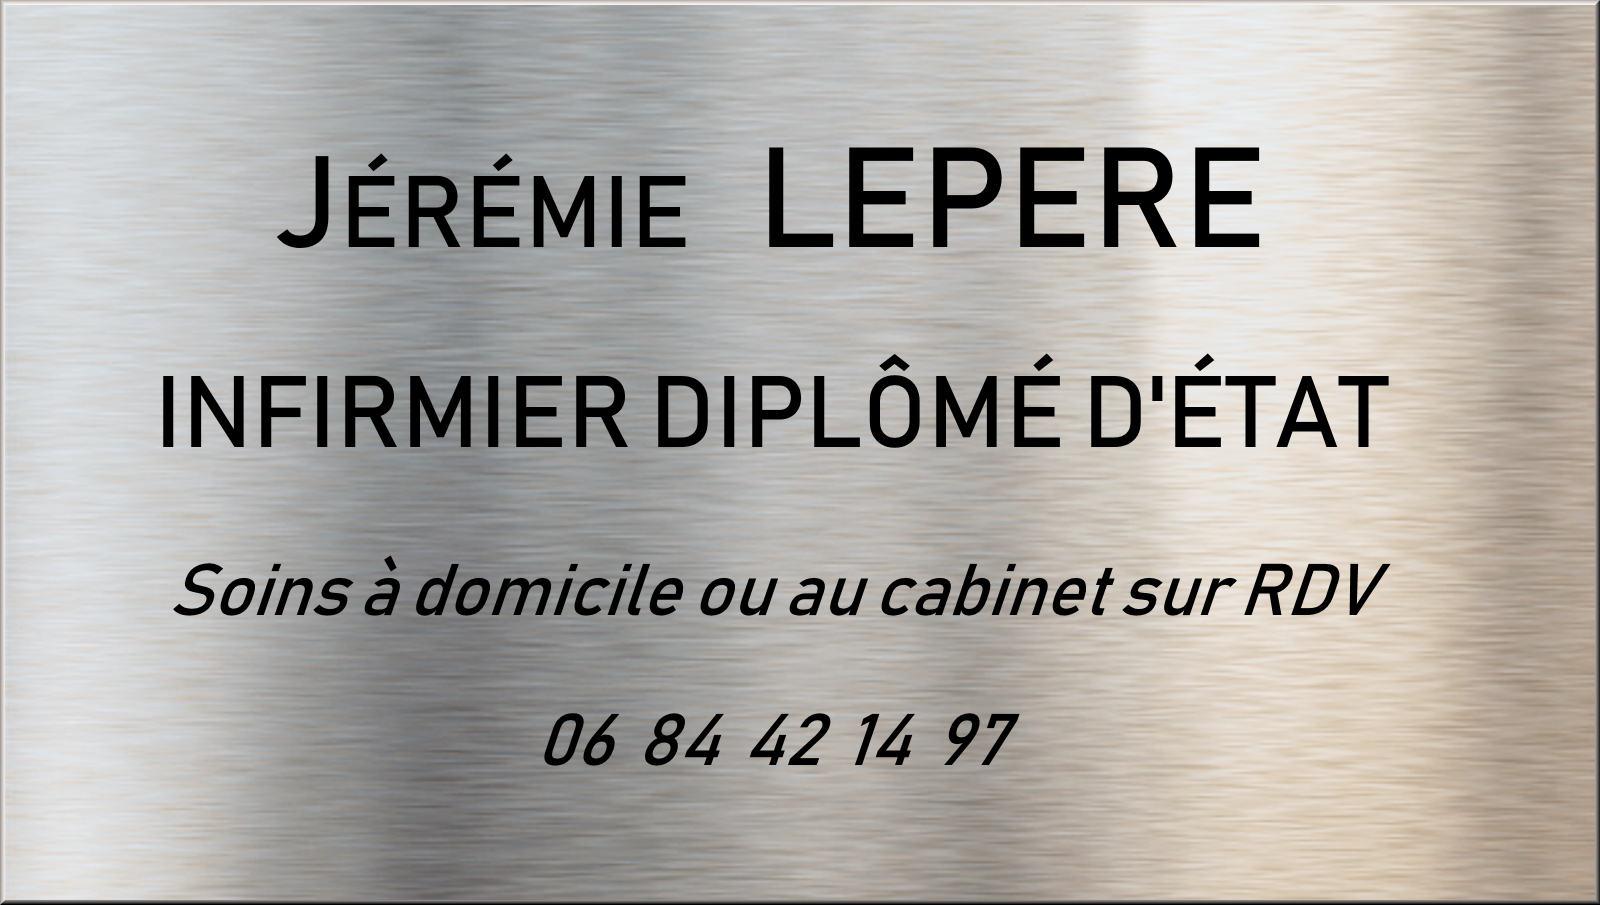 Tourcoing Infirmiers, infirmières - Jérémie Lepère